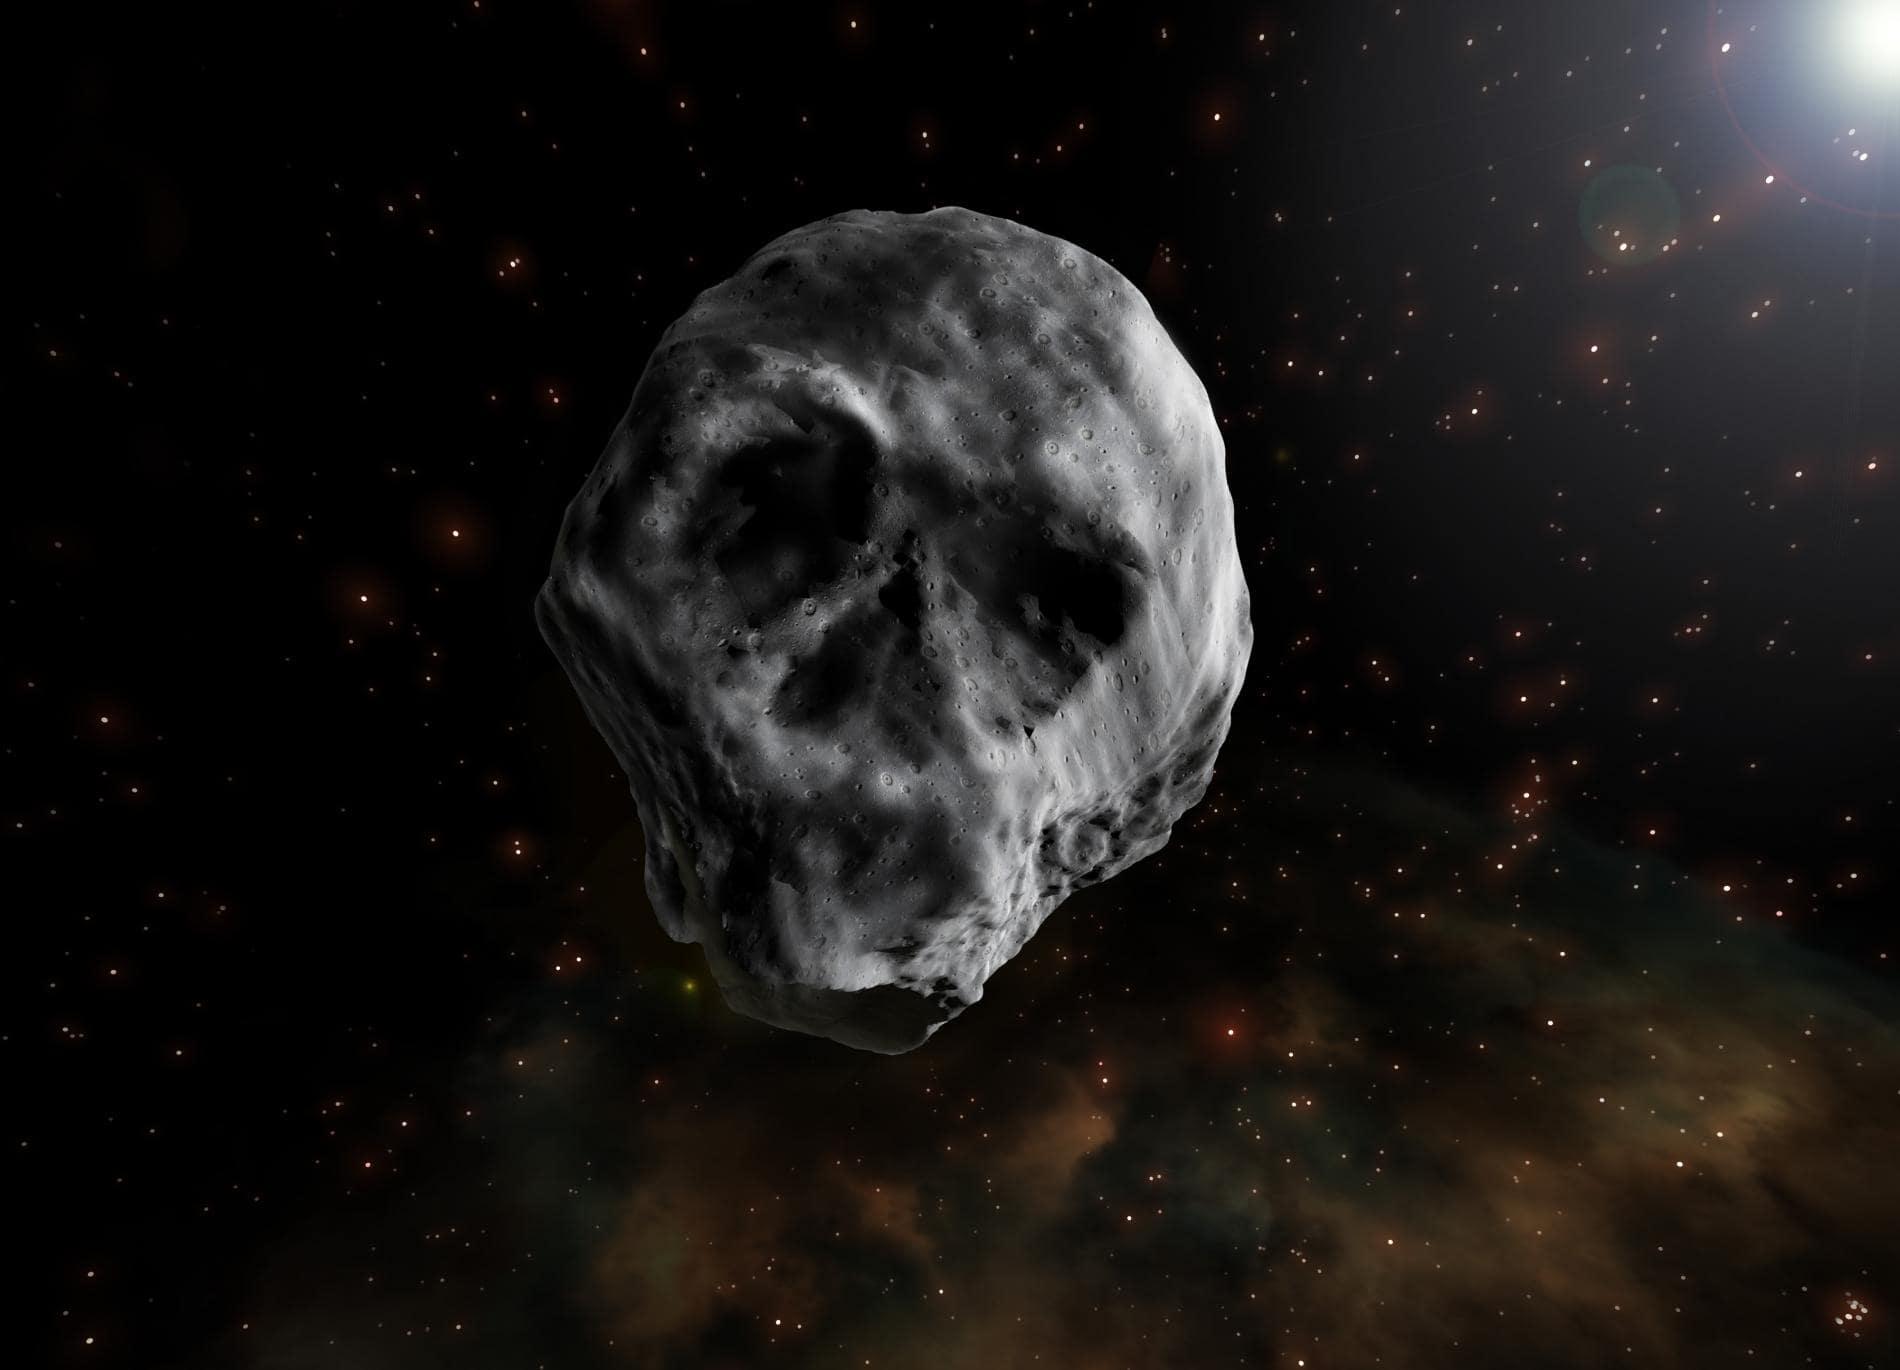 El asteroide que recuerda a una calavera